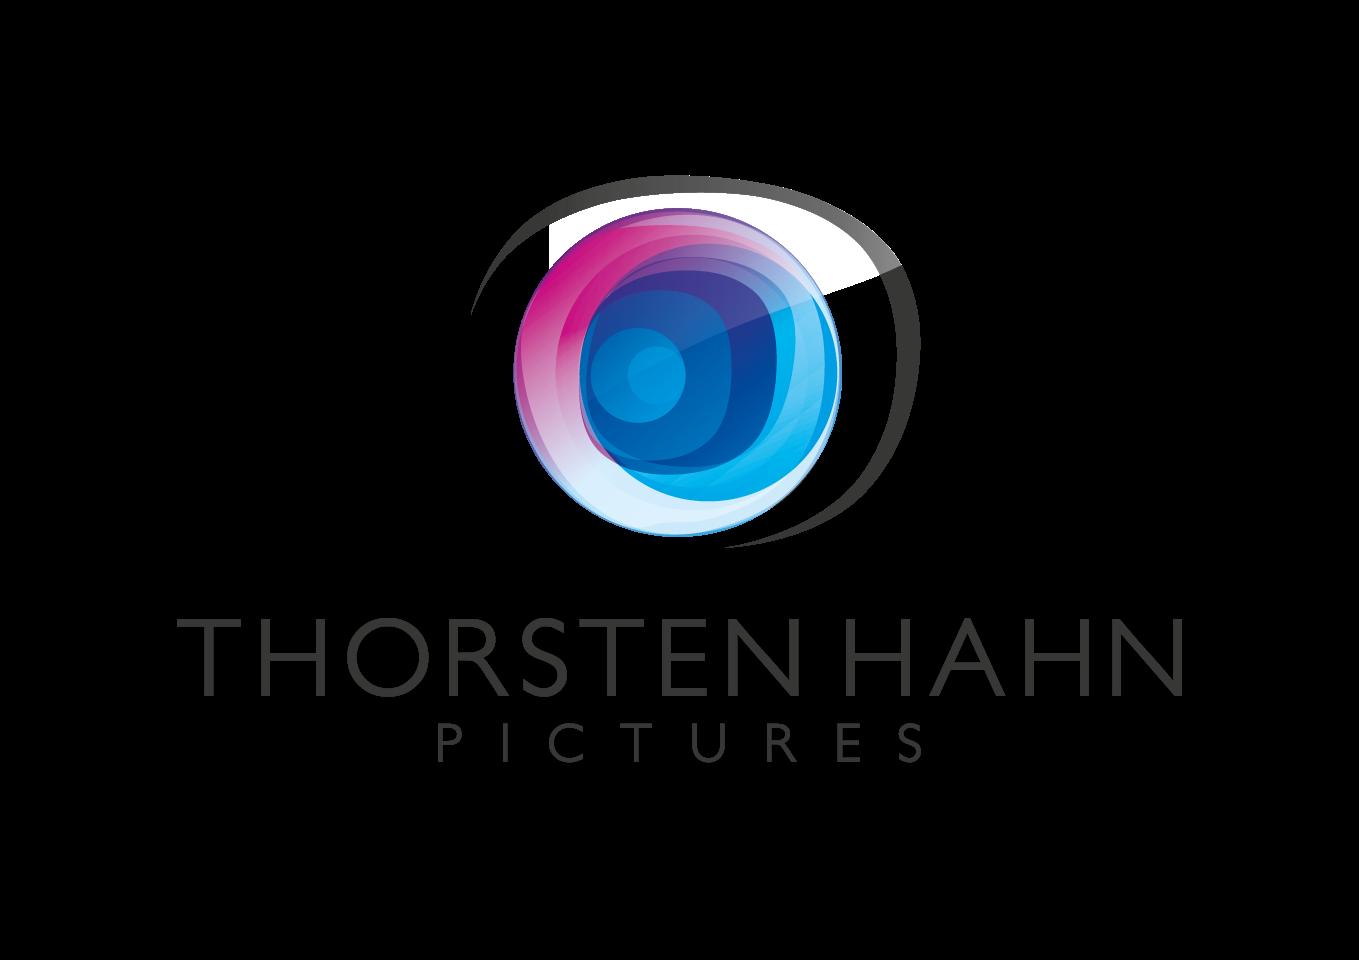 Thorsten Hahn Pictures